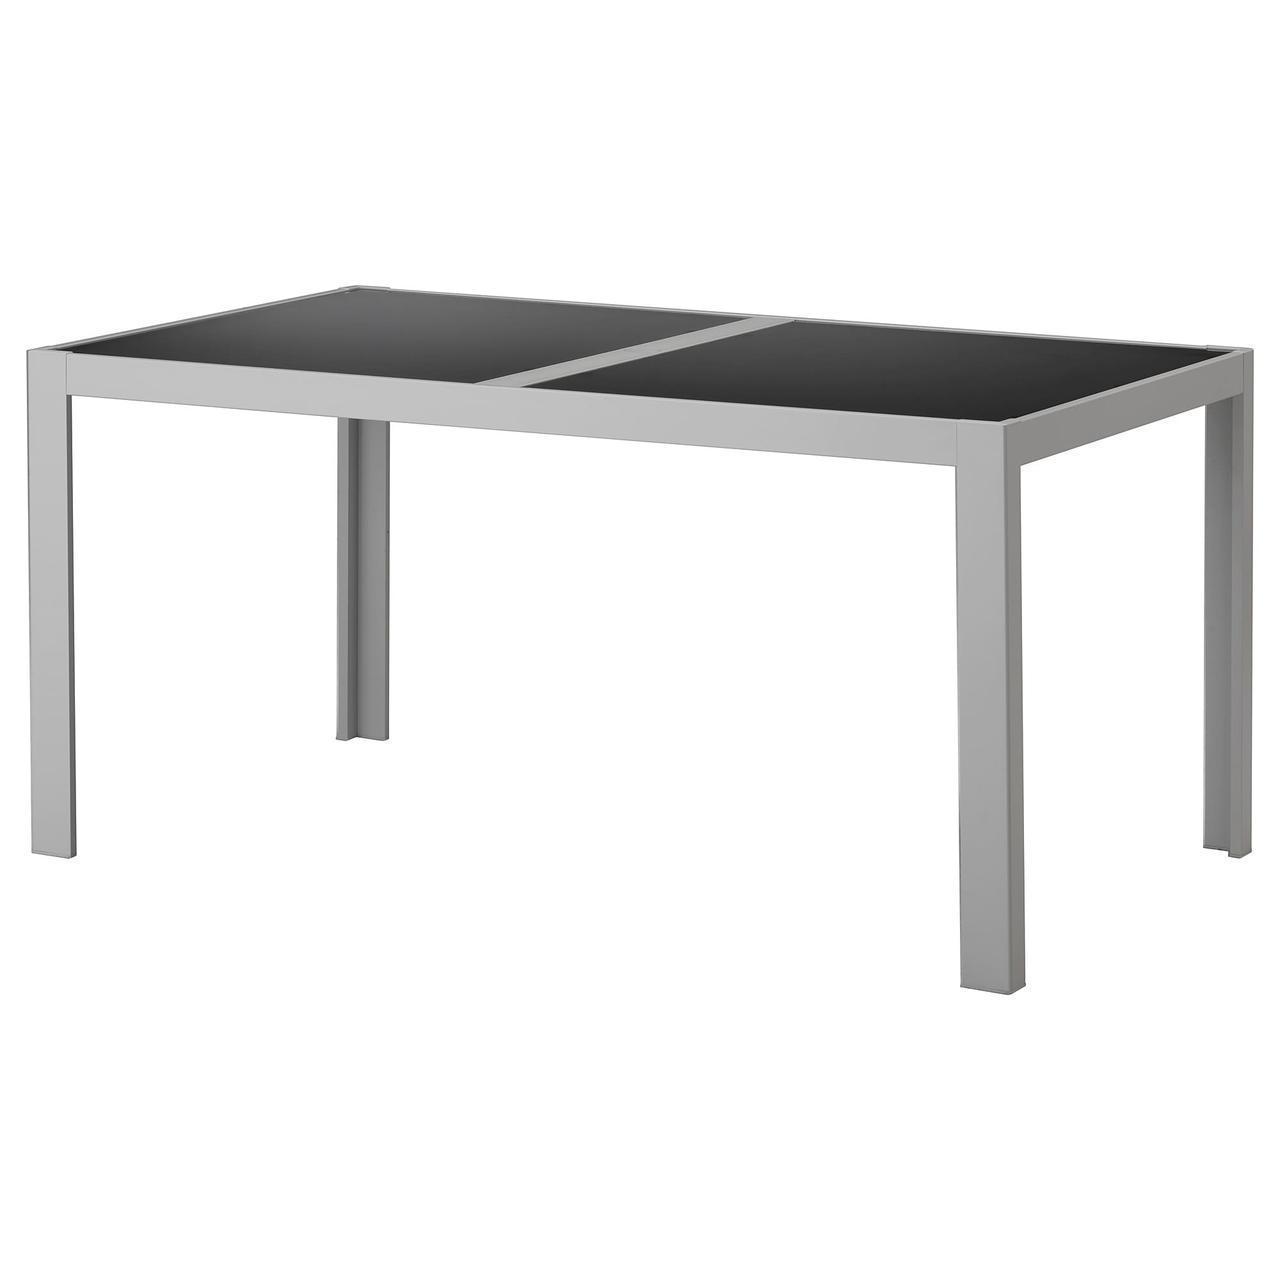 IKEA SJALLAND Садовый стол, стеклянный серый, светло-серый  (792.648.75)